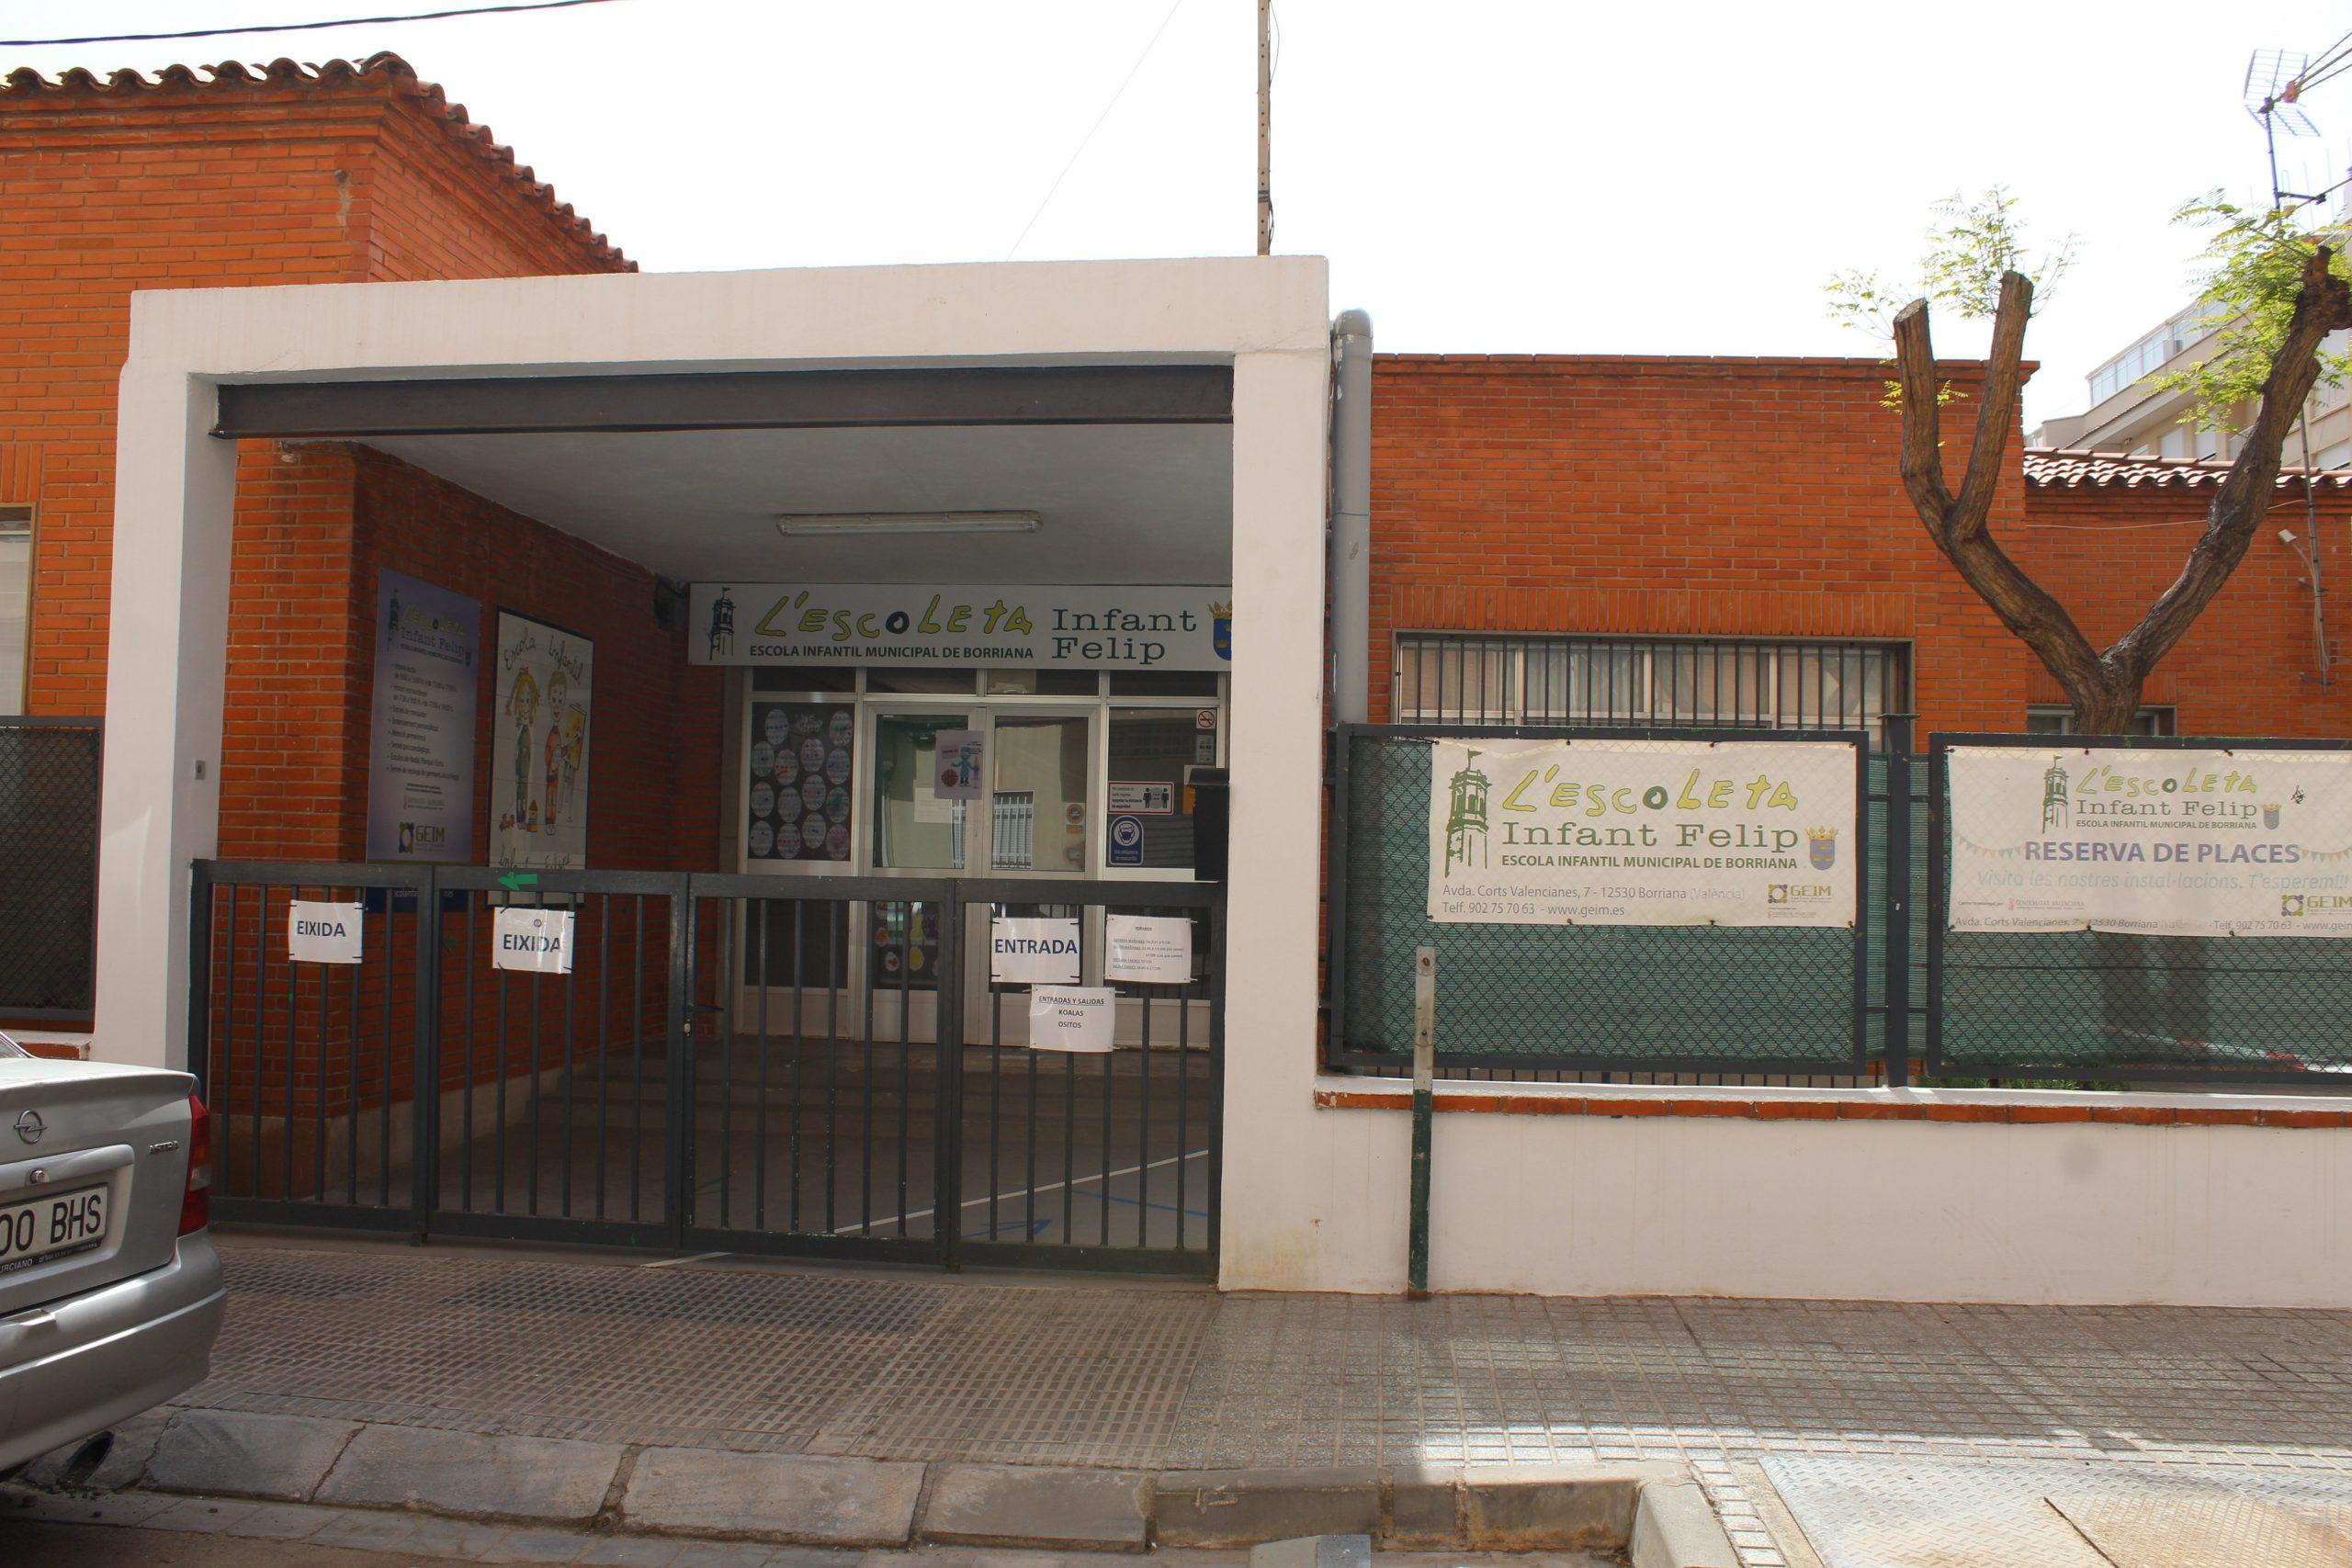 La Escuela Infantil Municipal de Borriana inicia el proceso de admisión para el curso escolar 2021-2022